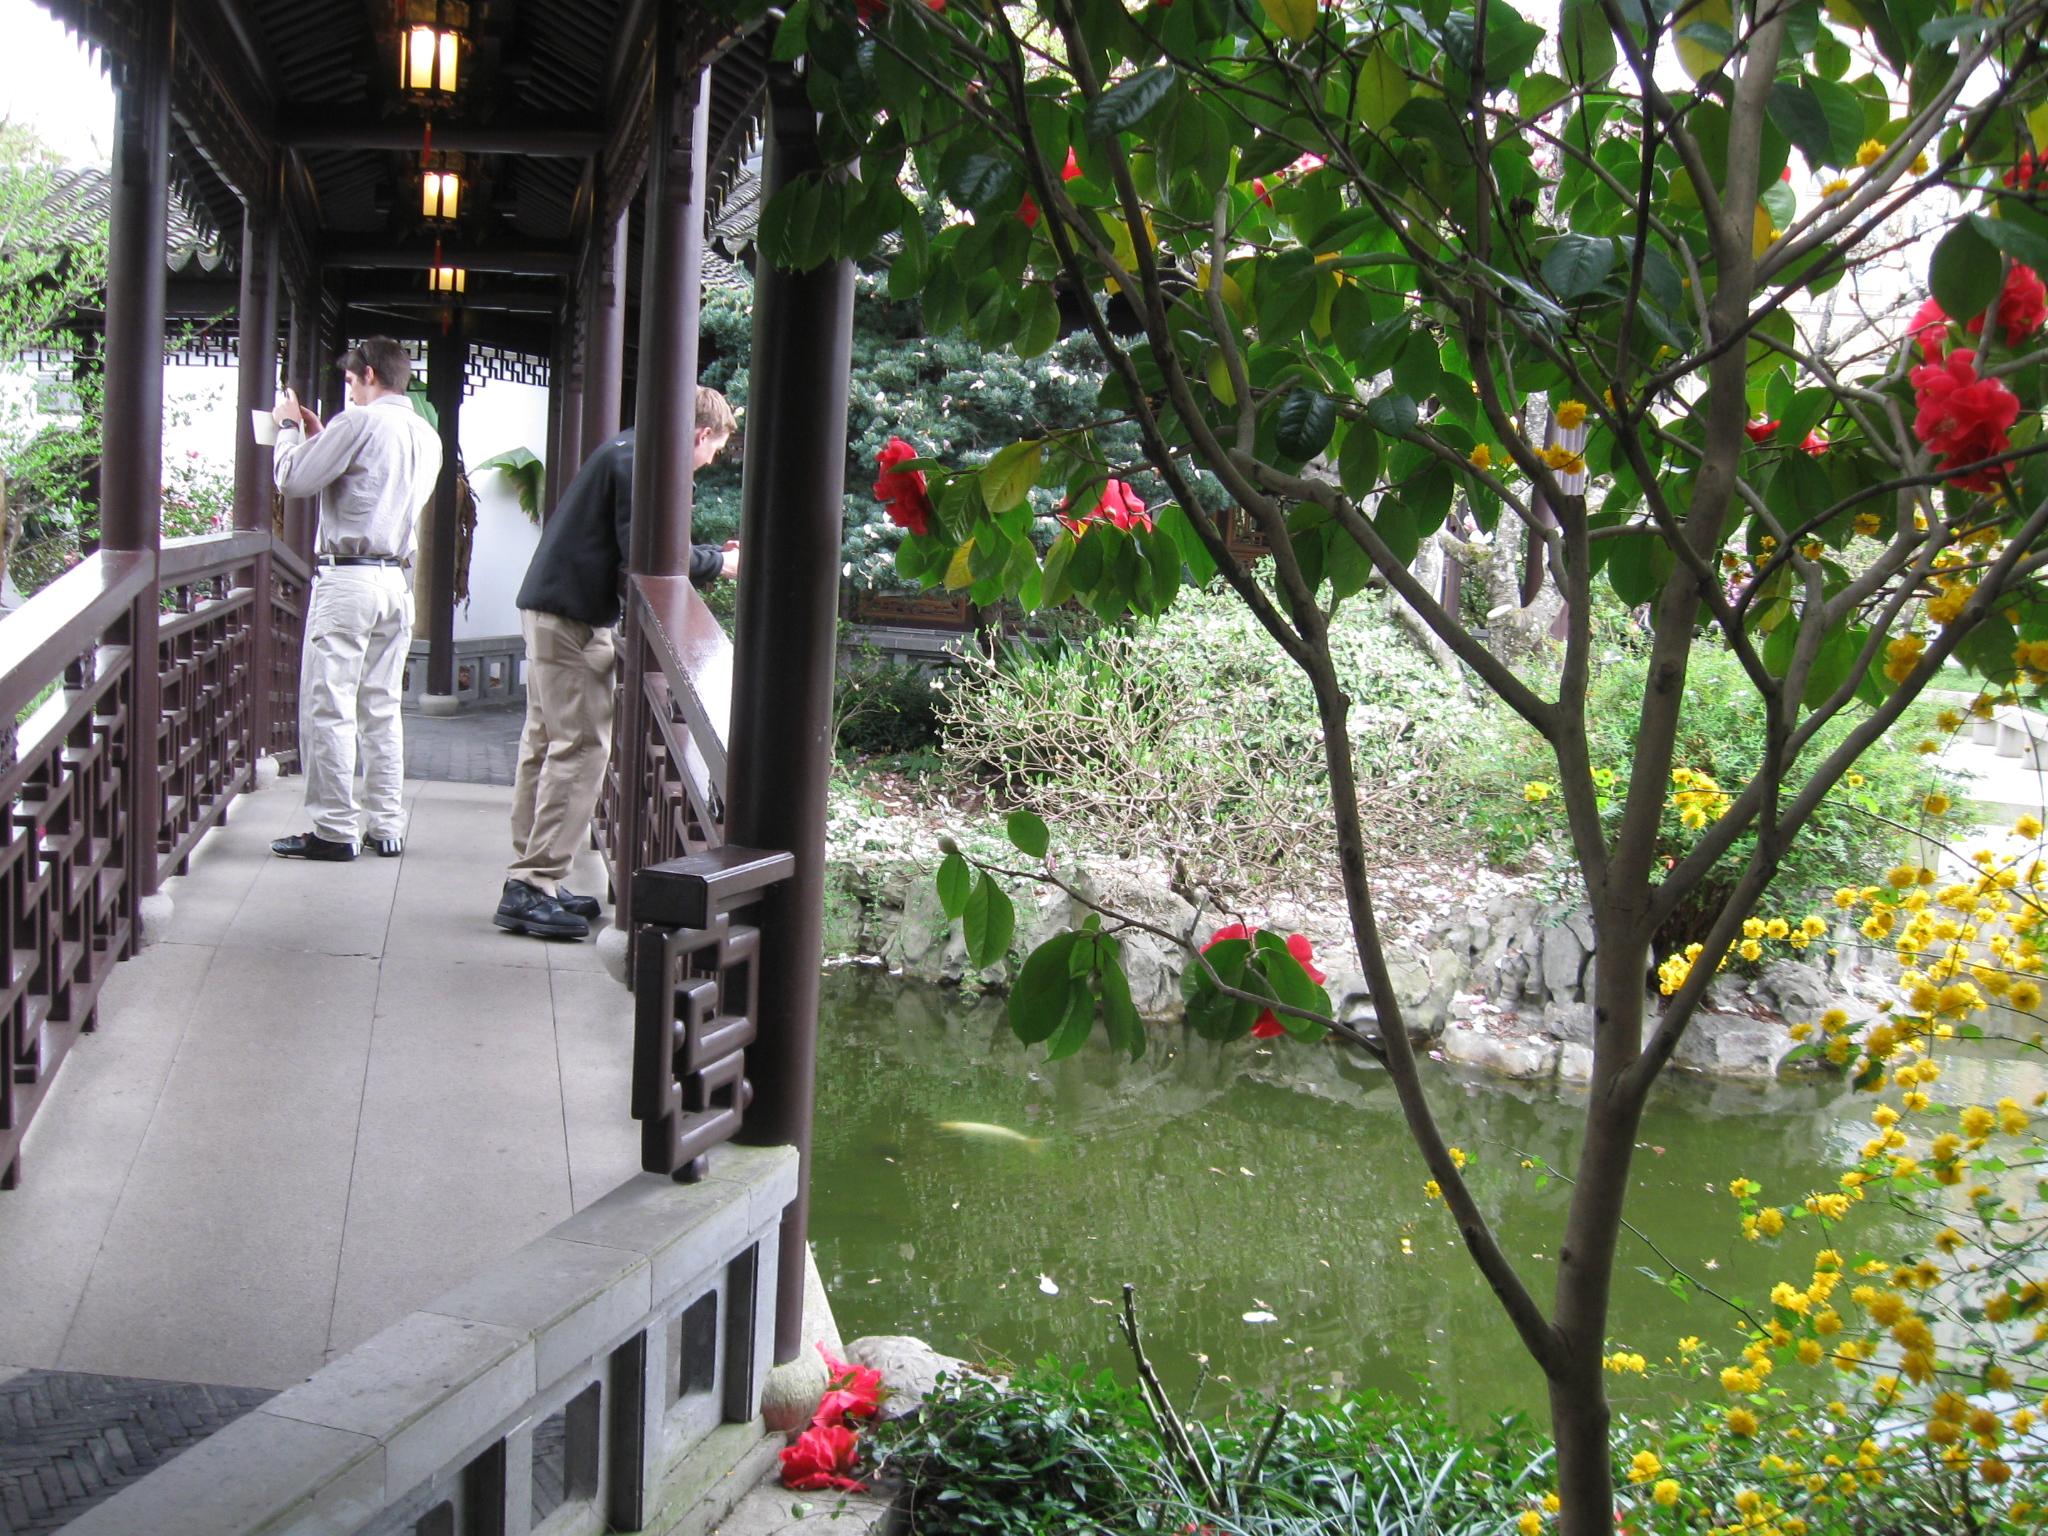 Knowing the Fish Pavilion at Lan Su